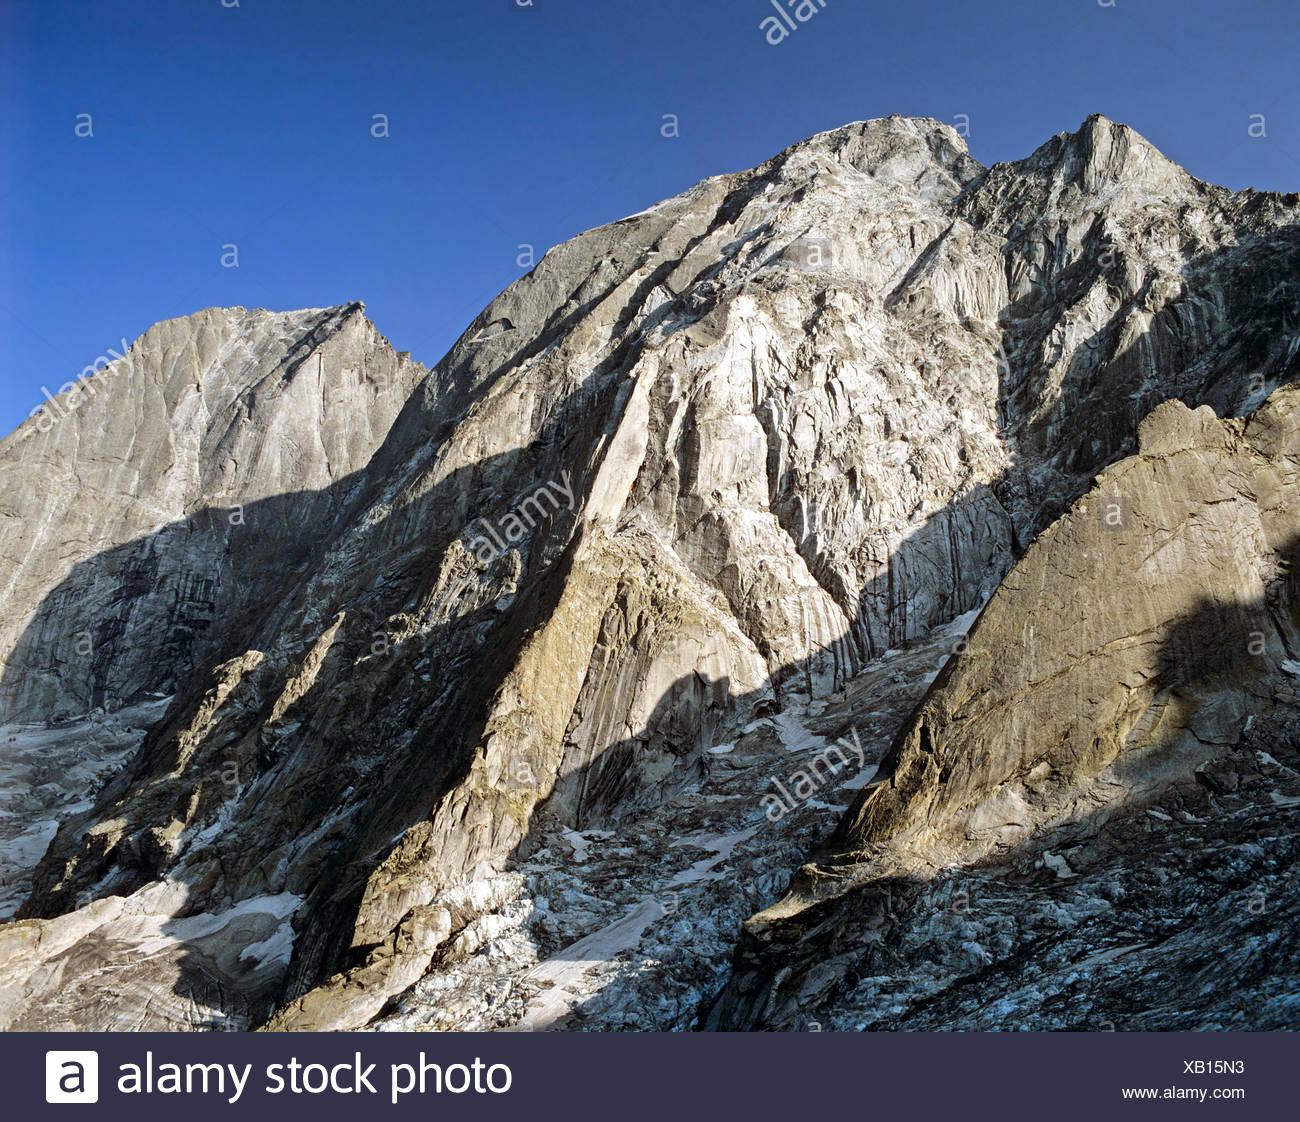 Mts. Buegeleisenkante, Piz Cengalo and Piz Badile, Bergell, Grisons, Switzerland, Europe - Stock Image